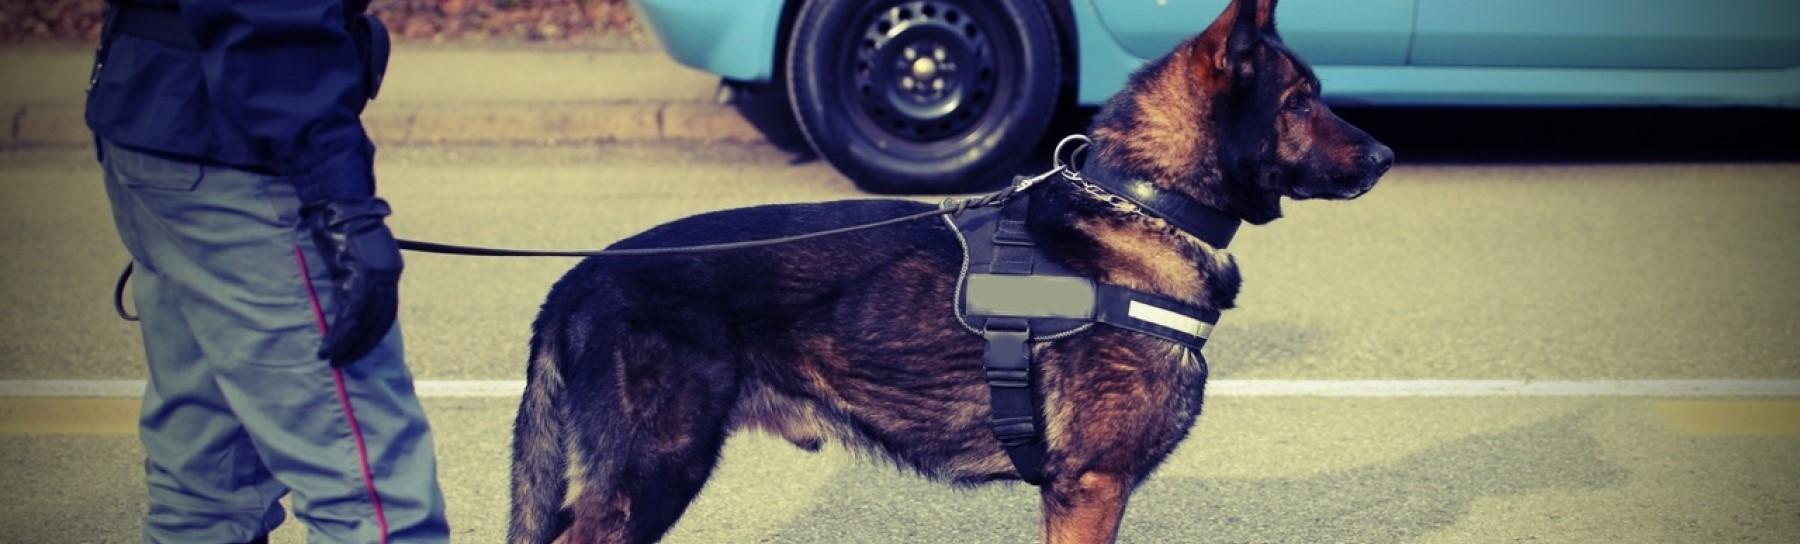 Wachschutz mit Diensthunden: Instinkt für Sicherheit